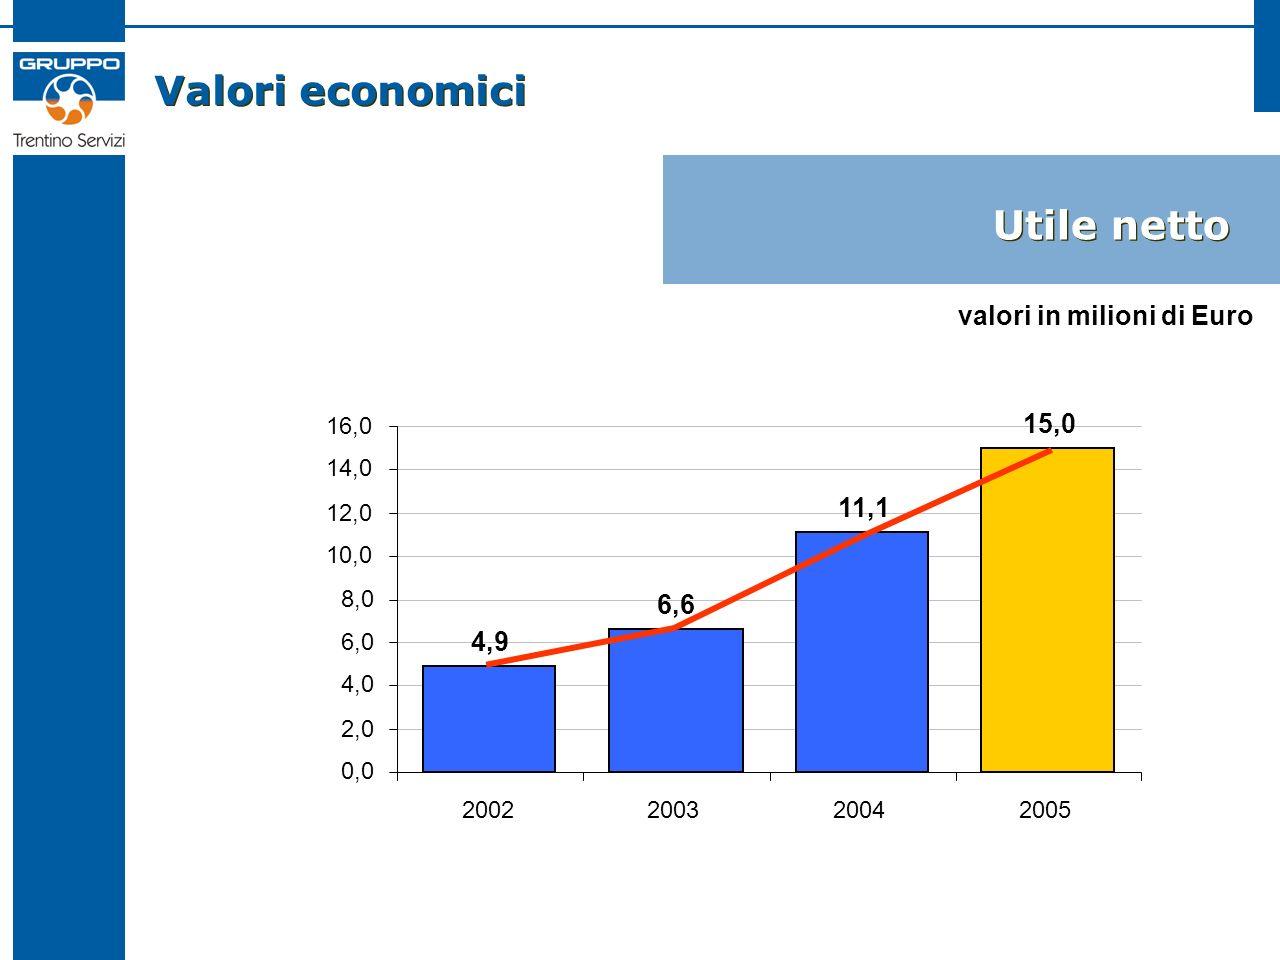 Valori economici Utile netto 4,9 6,6 11,1 15,0 0,0 2,0 4,0 6,0 8,0 10,0 12,0 14,0 16,0 2002200320042005 valori in milioni di Euro